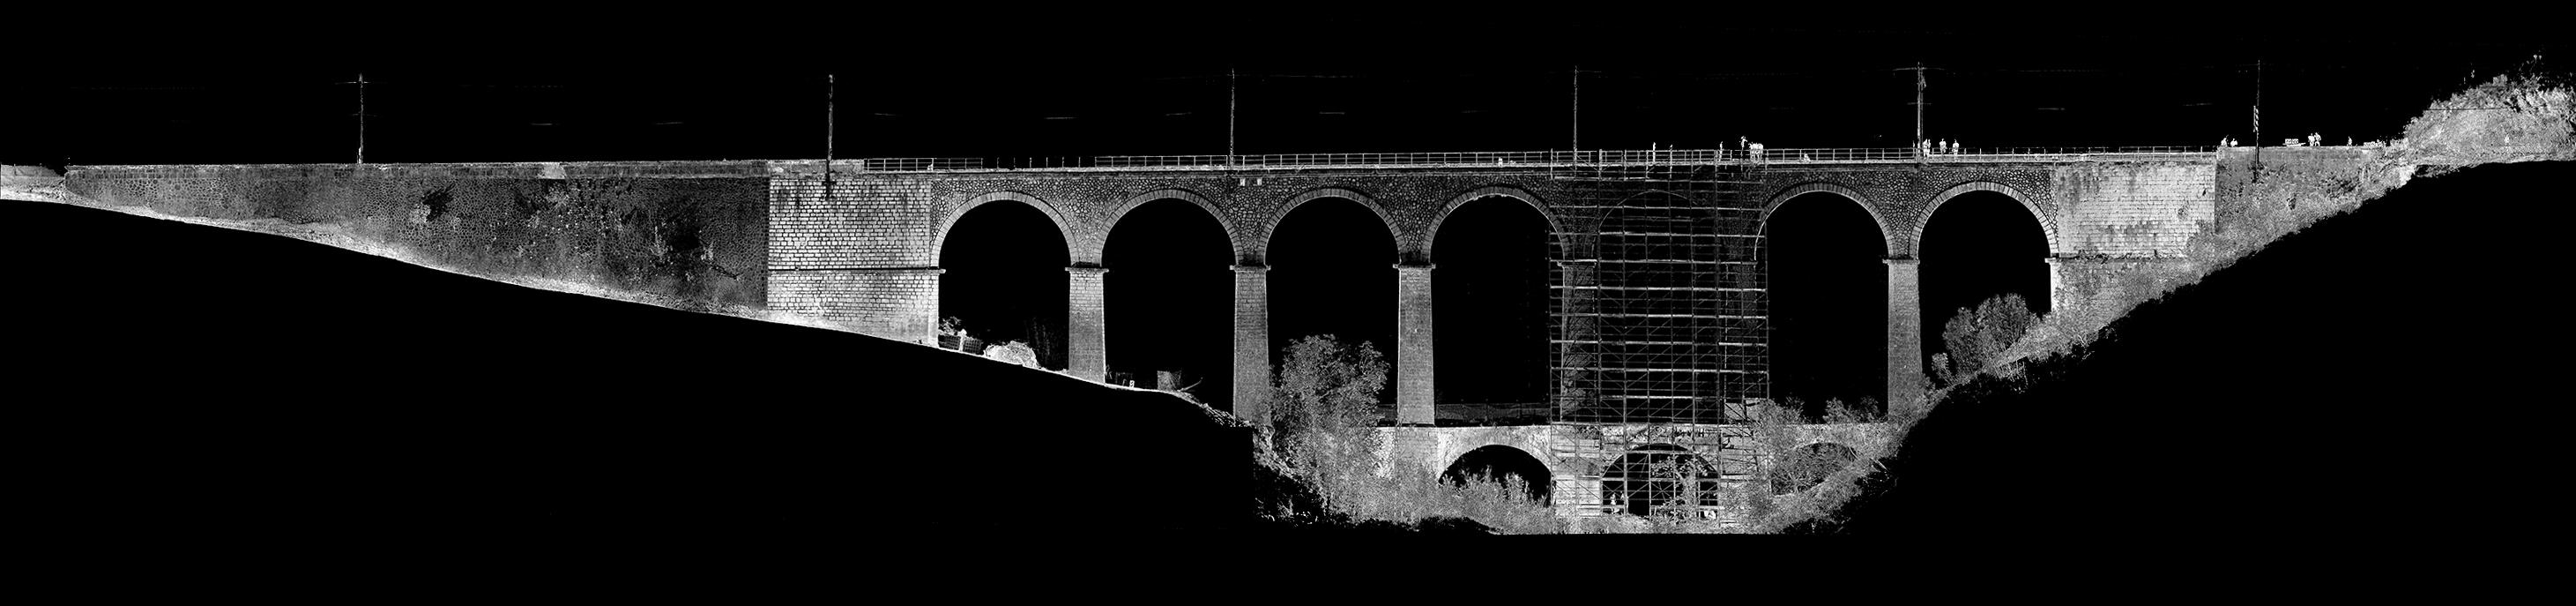 Rilievo Laser Scanner Viadotto Ferroviario